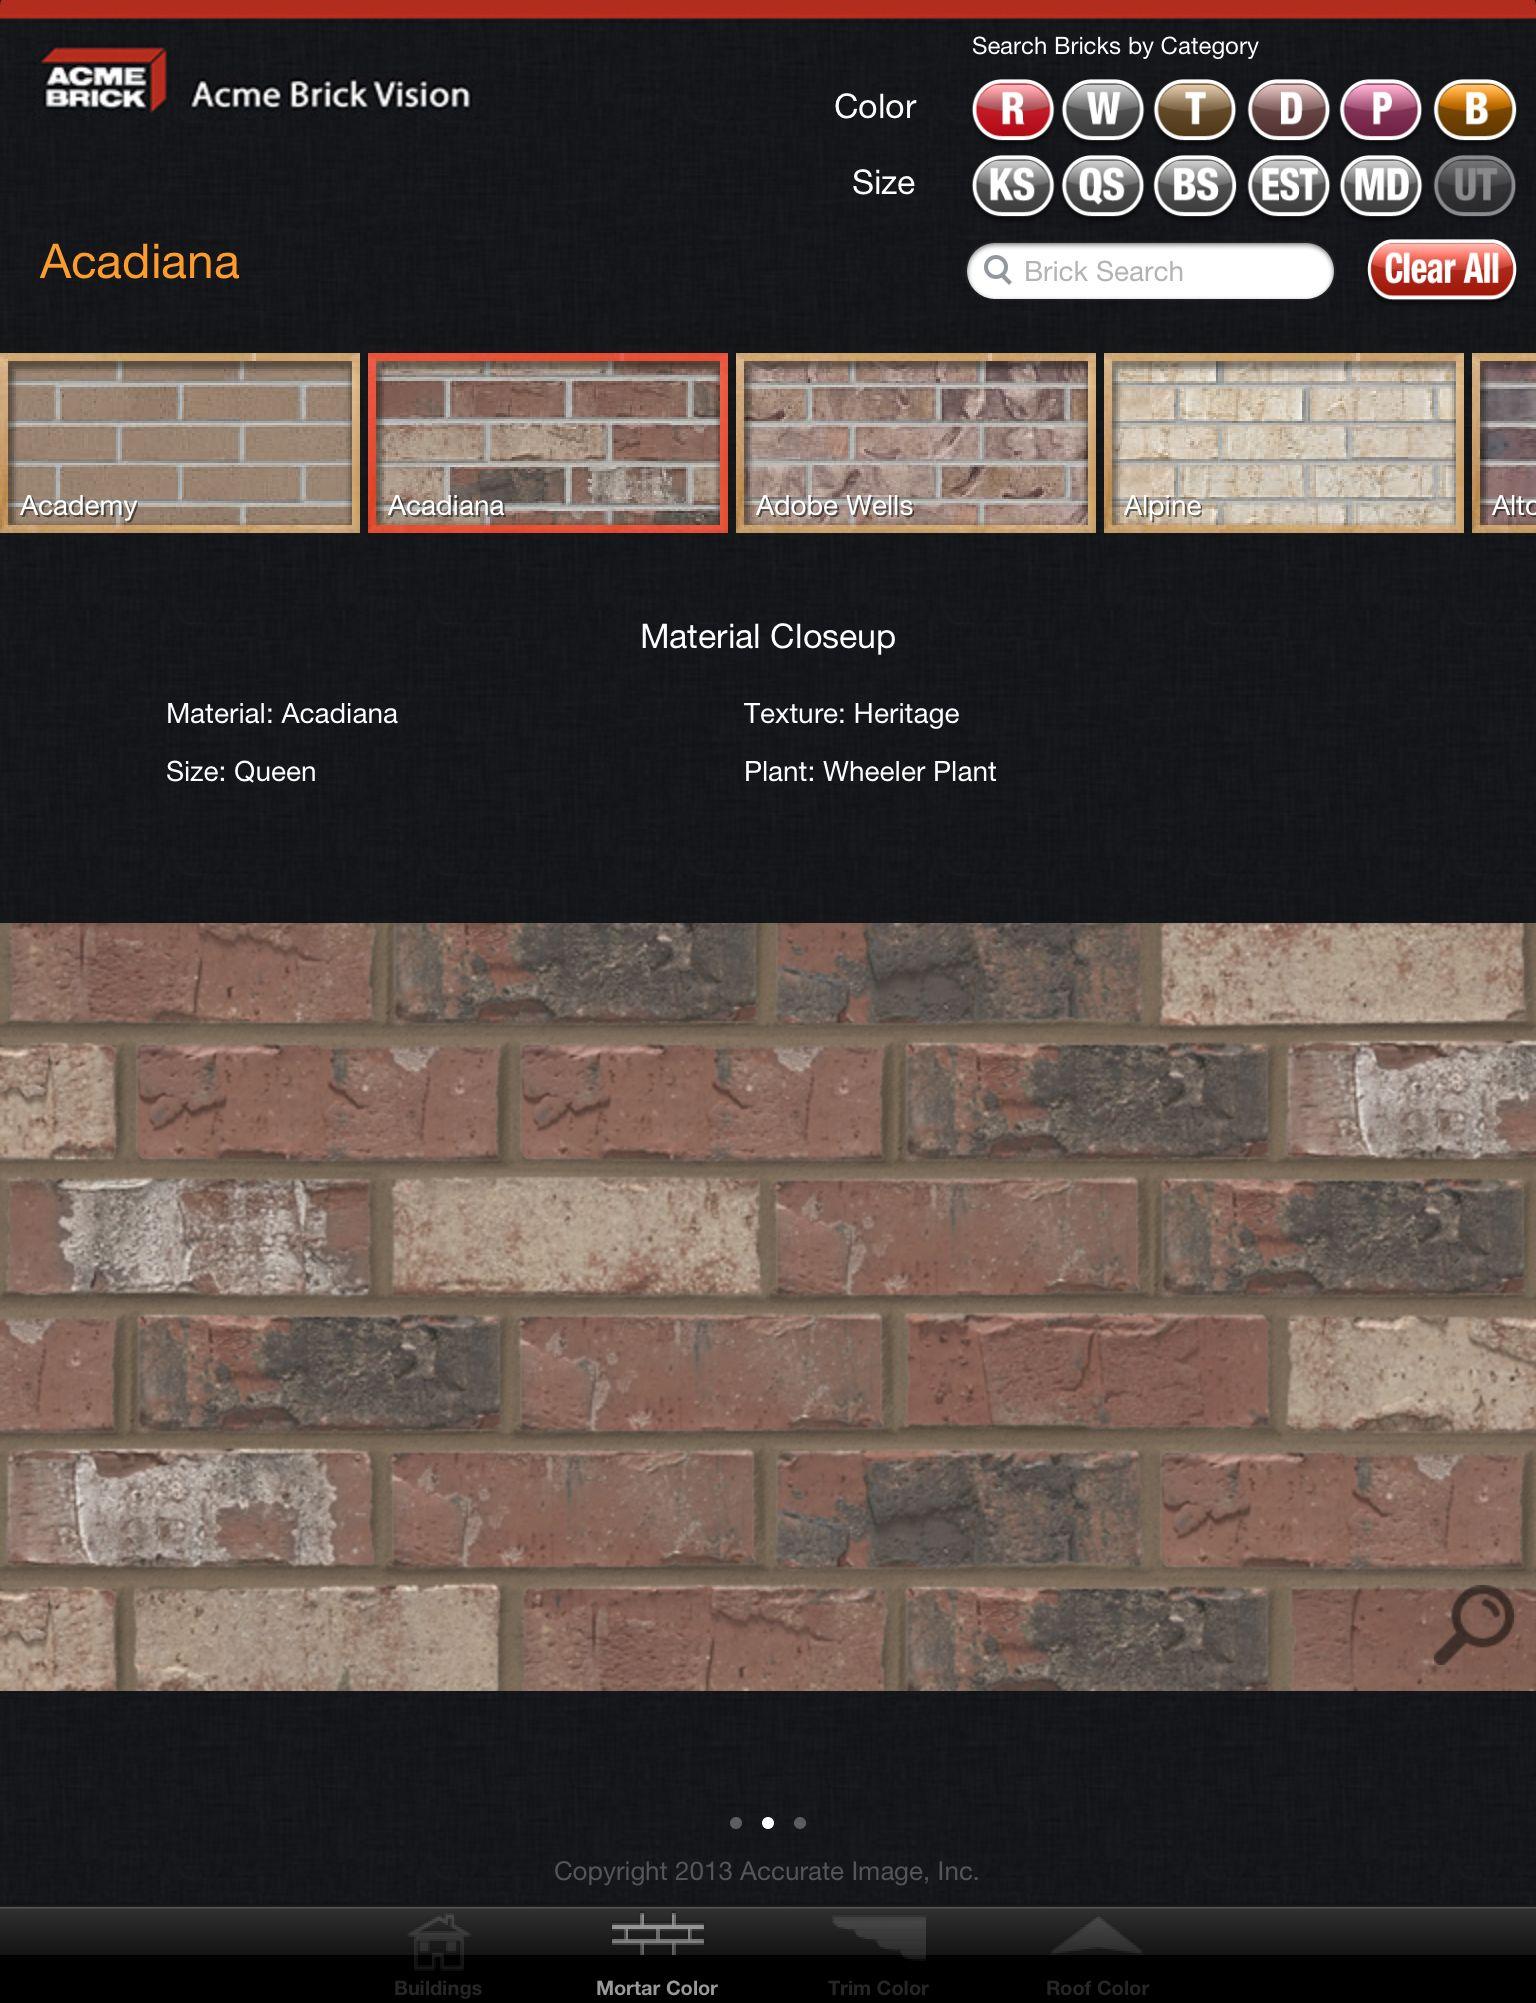 Brick colors acme brick company debuts new mobile app acme brick colors acme brick company debuts new mobile app acme brick vision for geenschuldenfo Choice Image